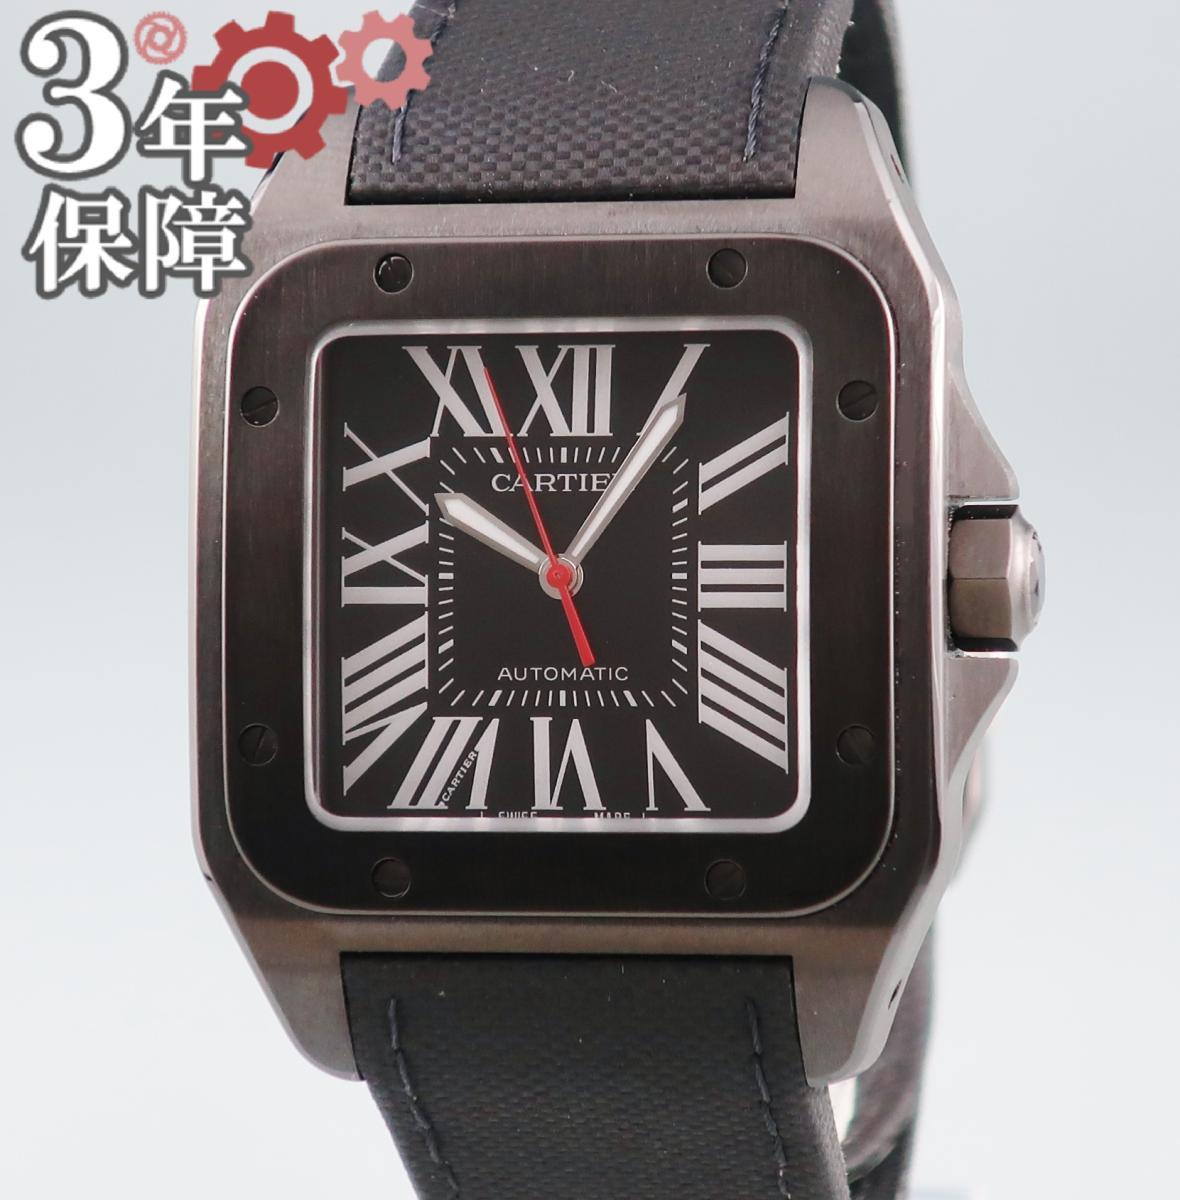 【店内ポイント全品2倍】 カルティエ Cartier サントス100 LM カーボン WSSA0006 自動巻 メンズ 腕時計 ブラック 黒 【中古】 【店頭受取対応商品】